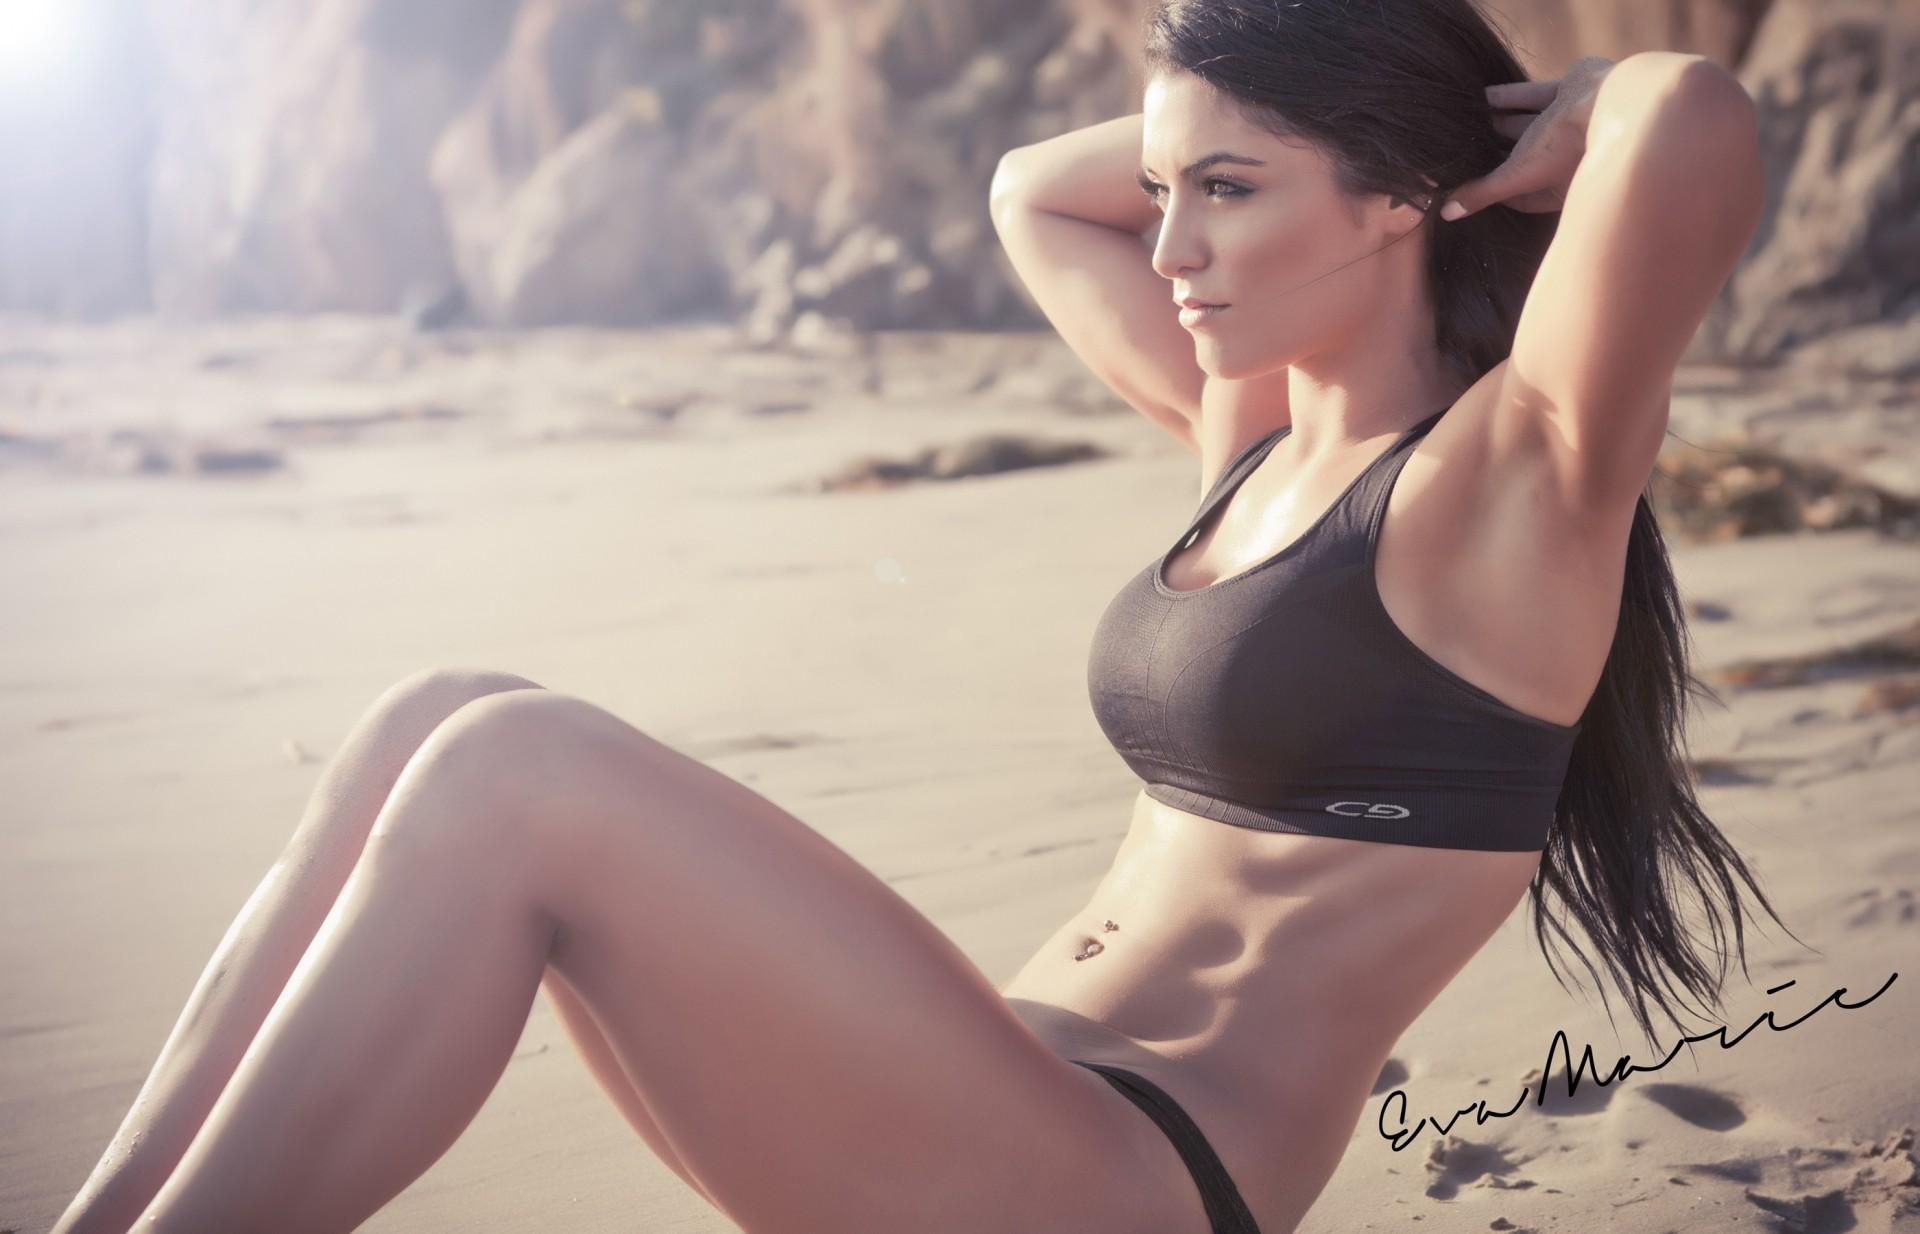 картинки девушки брюнетки с красивым телом вовсе